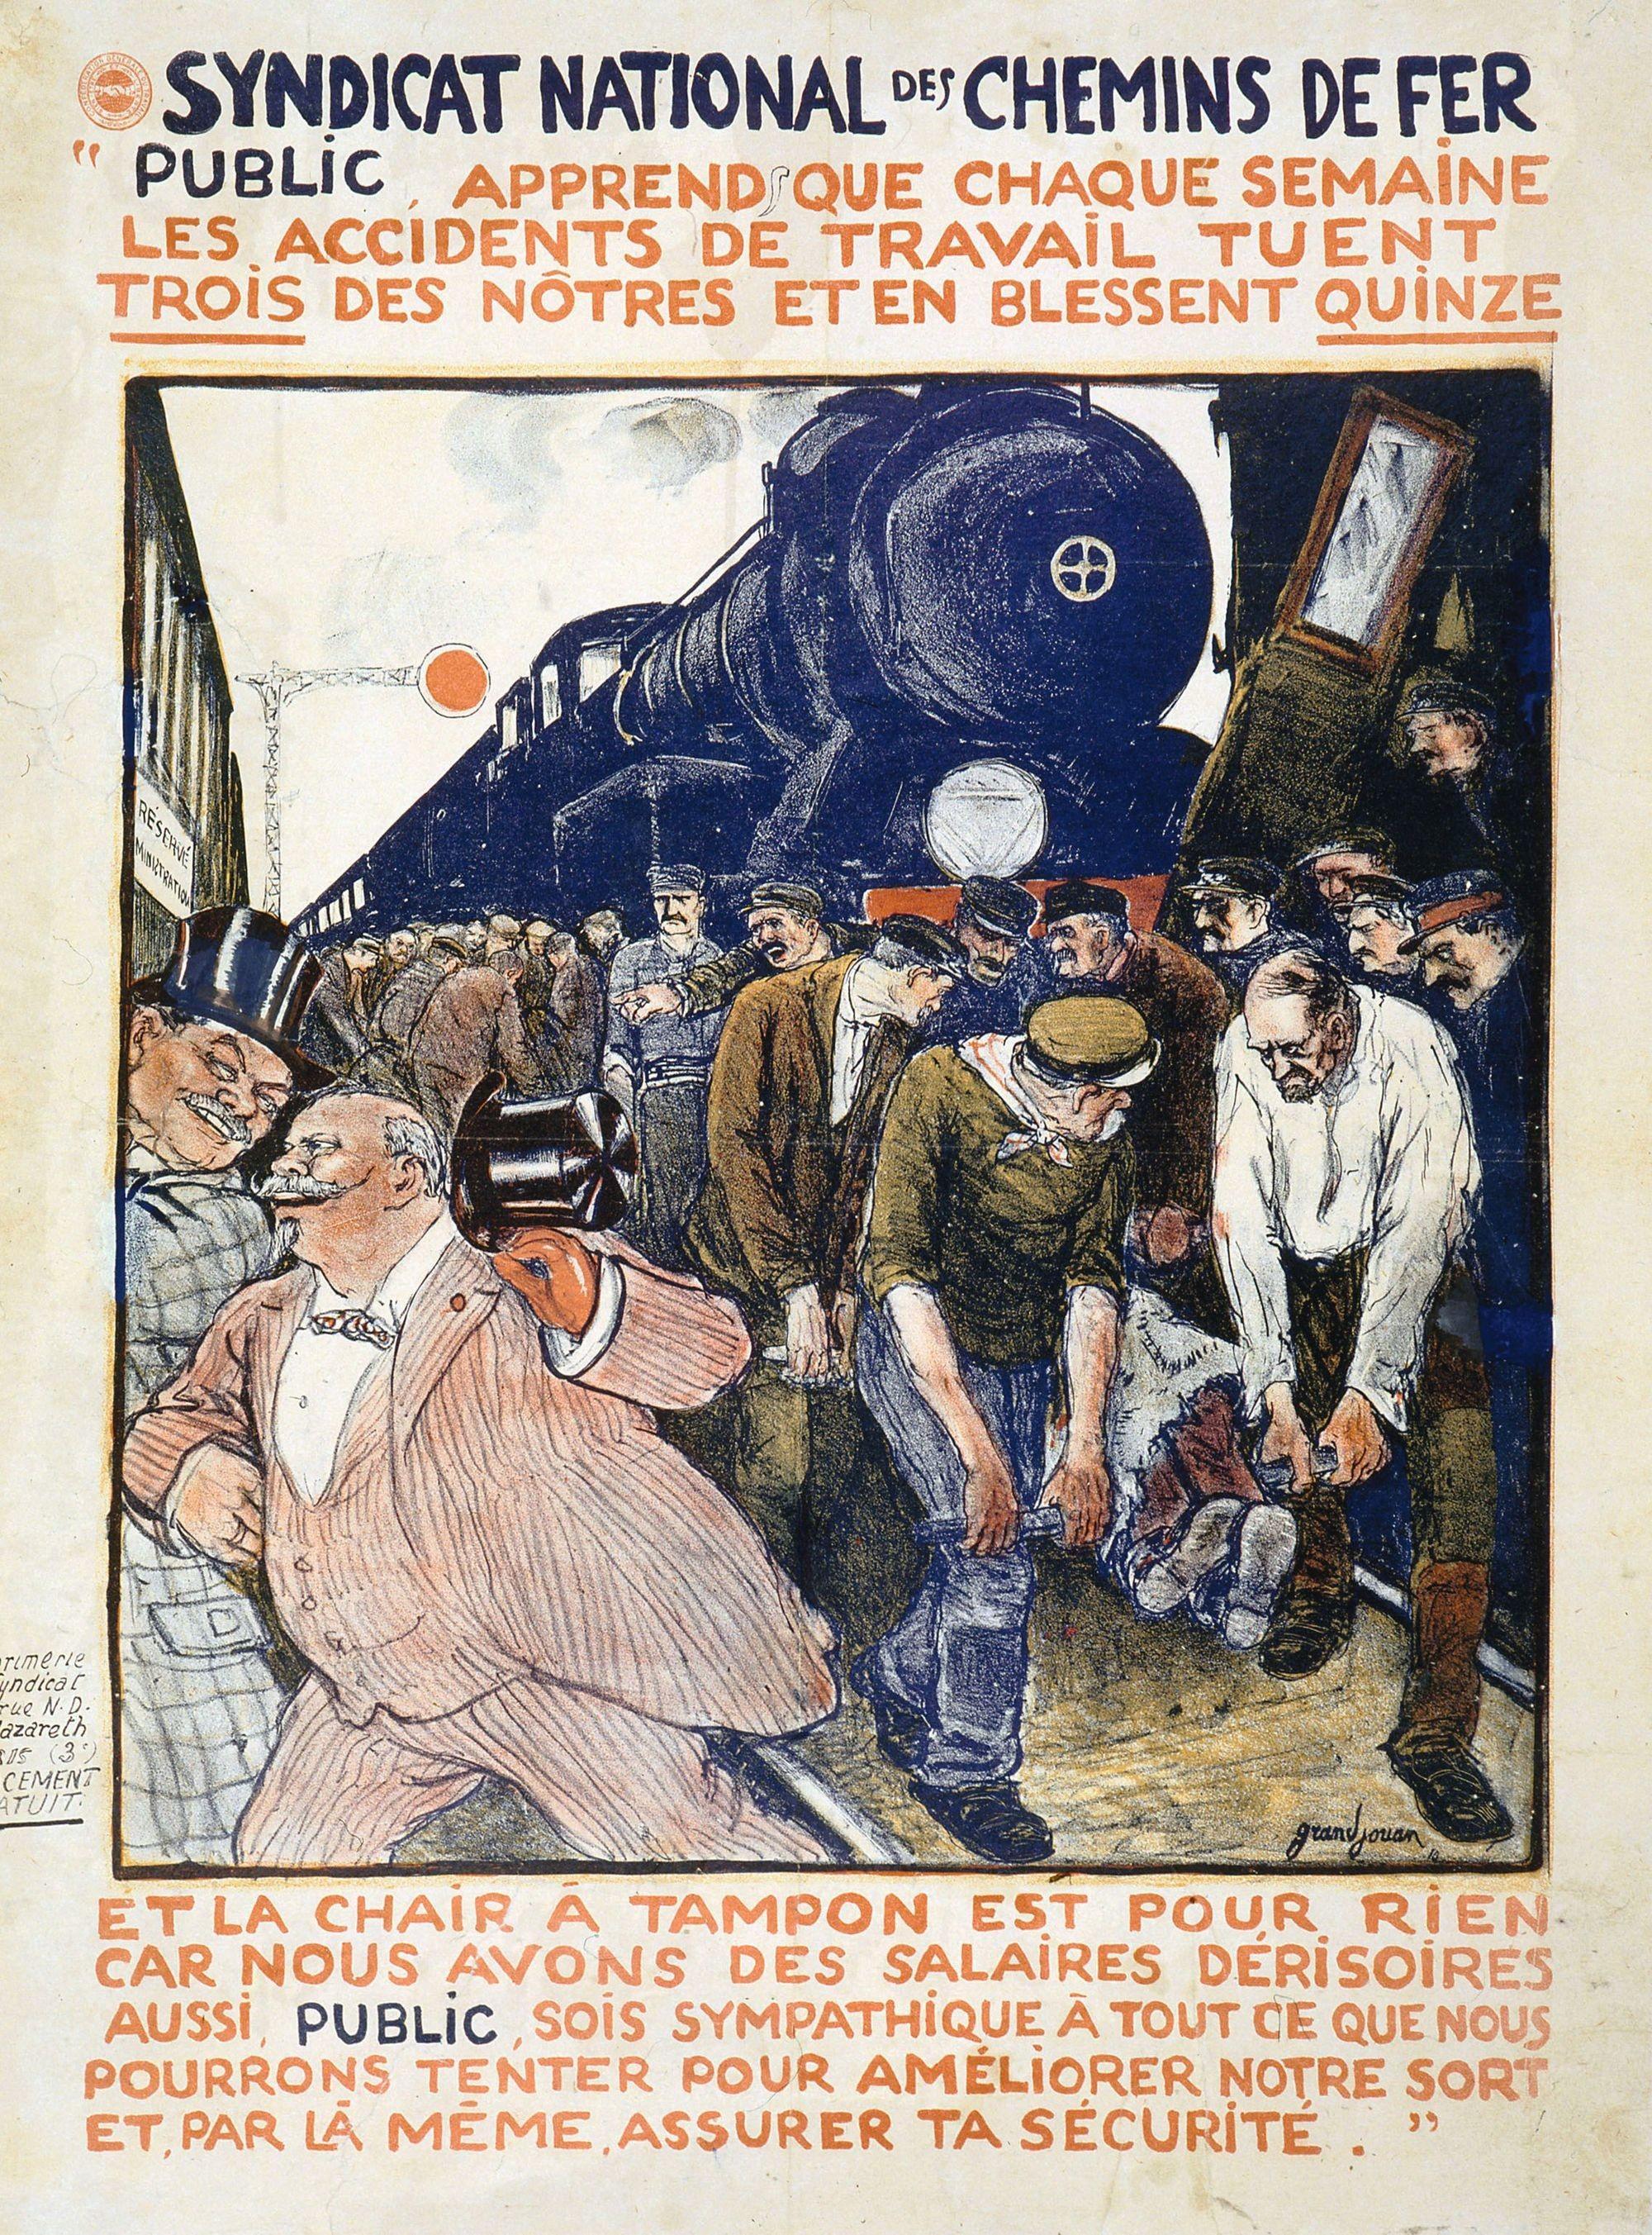 affiche pour le Syndicat national des chemins de fer, 1910